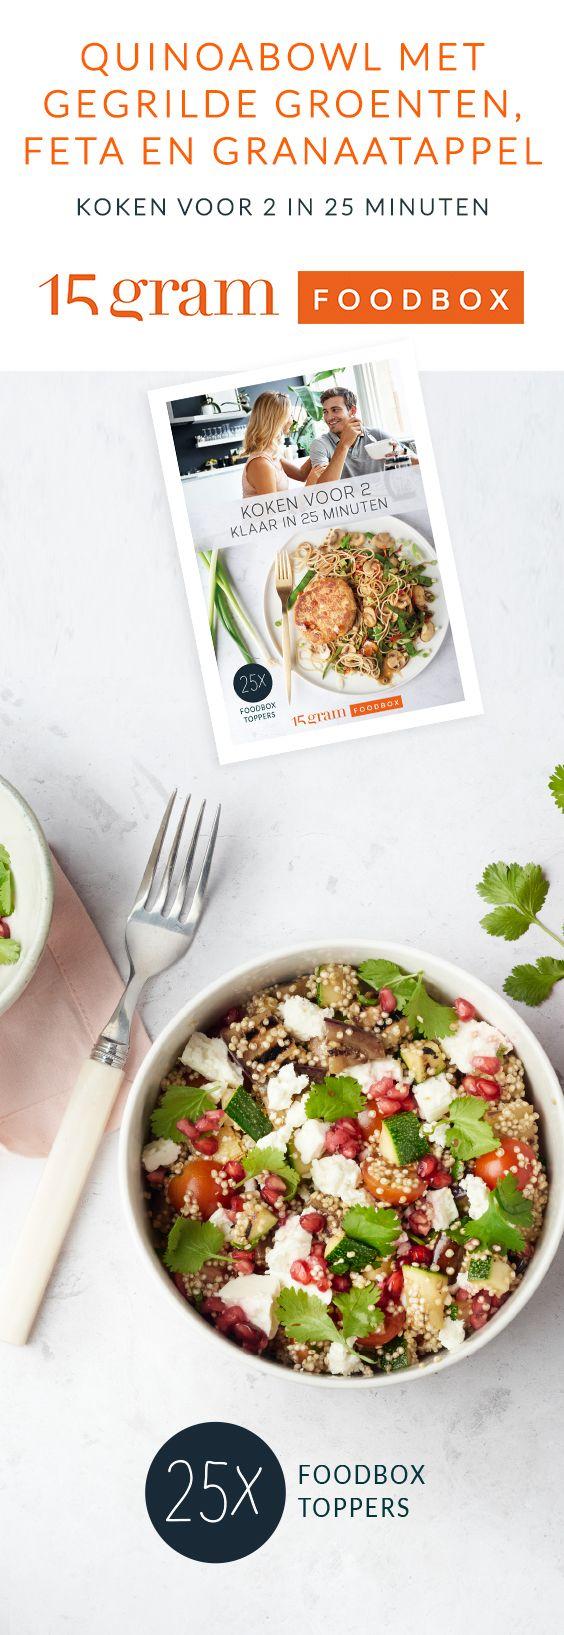 Een heerlijke hippe quinoabowl met lekkere gegrilde groentjes, een frisse citroendressing, feta en afgewerkt met granaatappelpitjes. Laat het smaken!